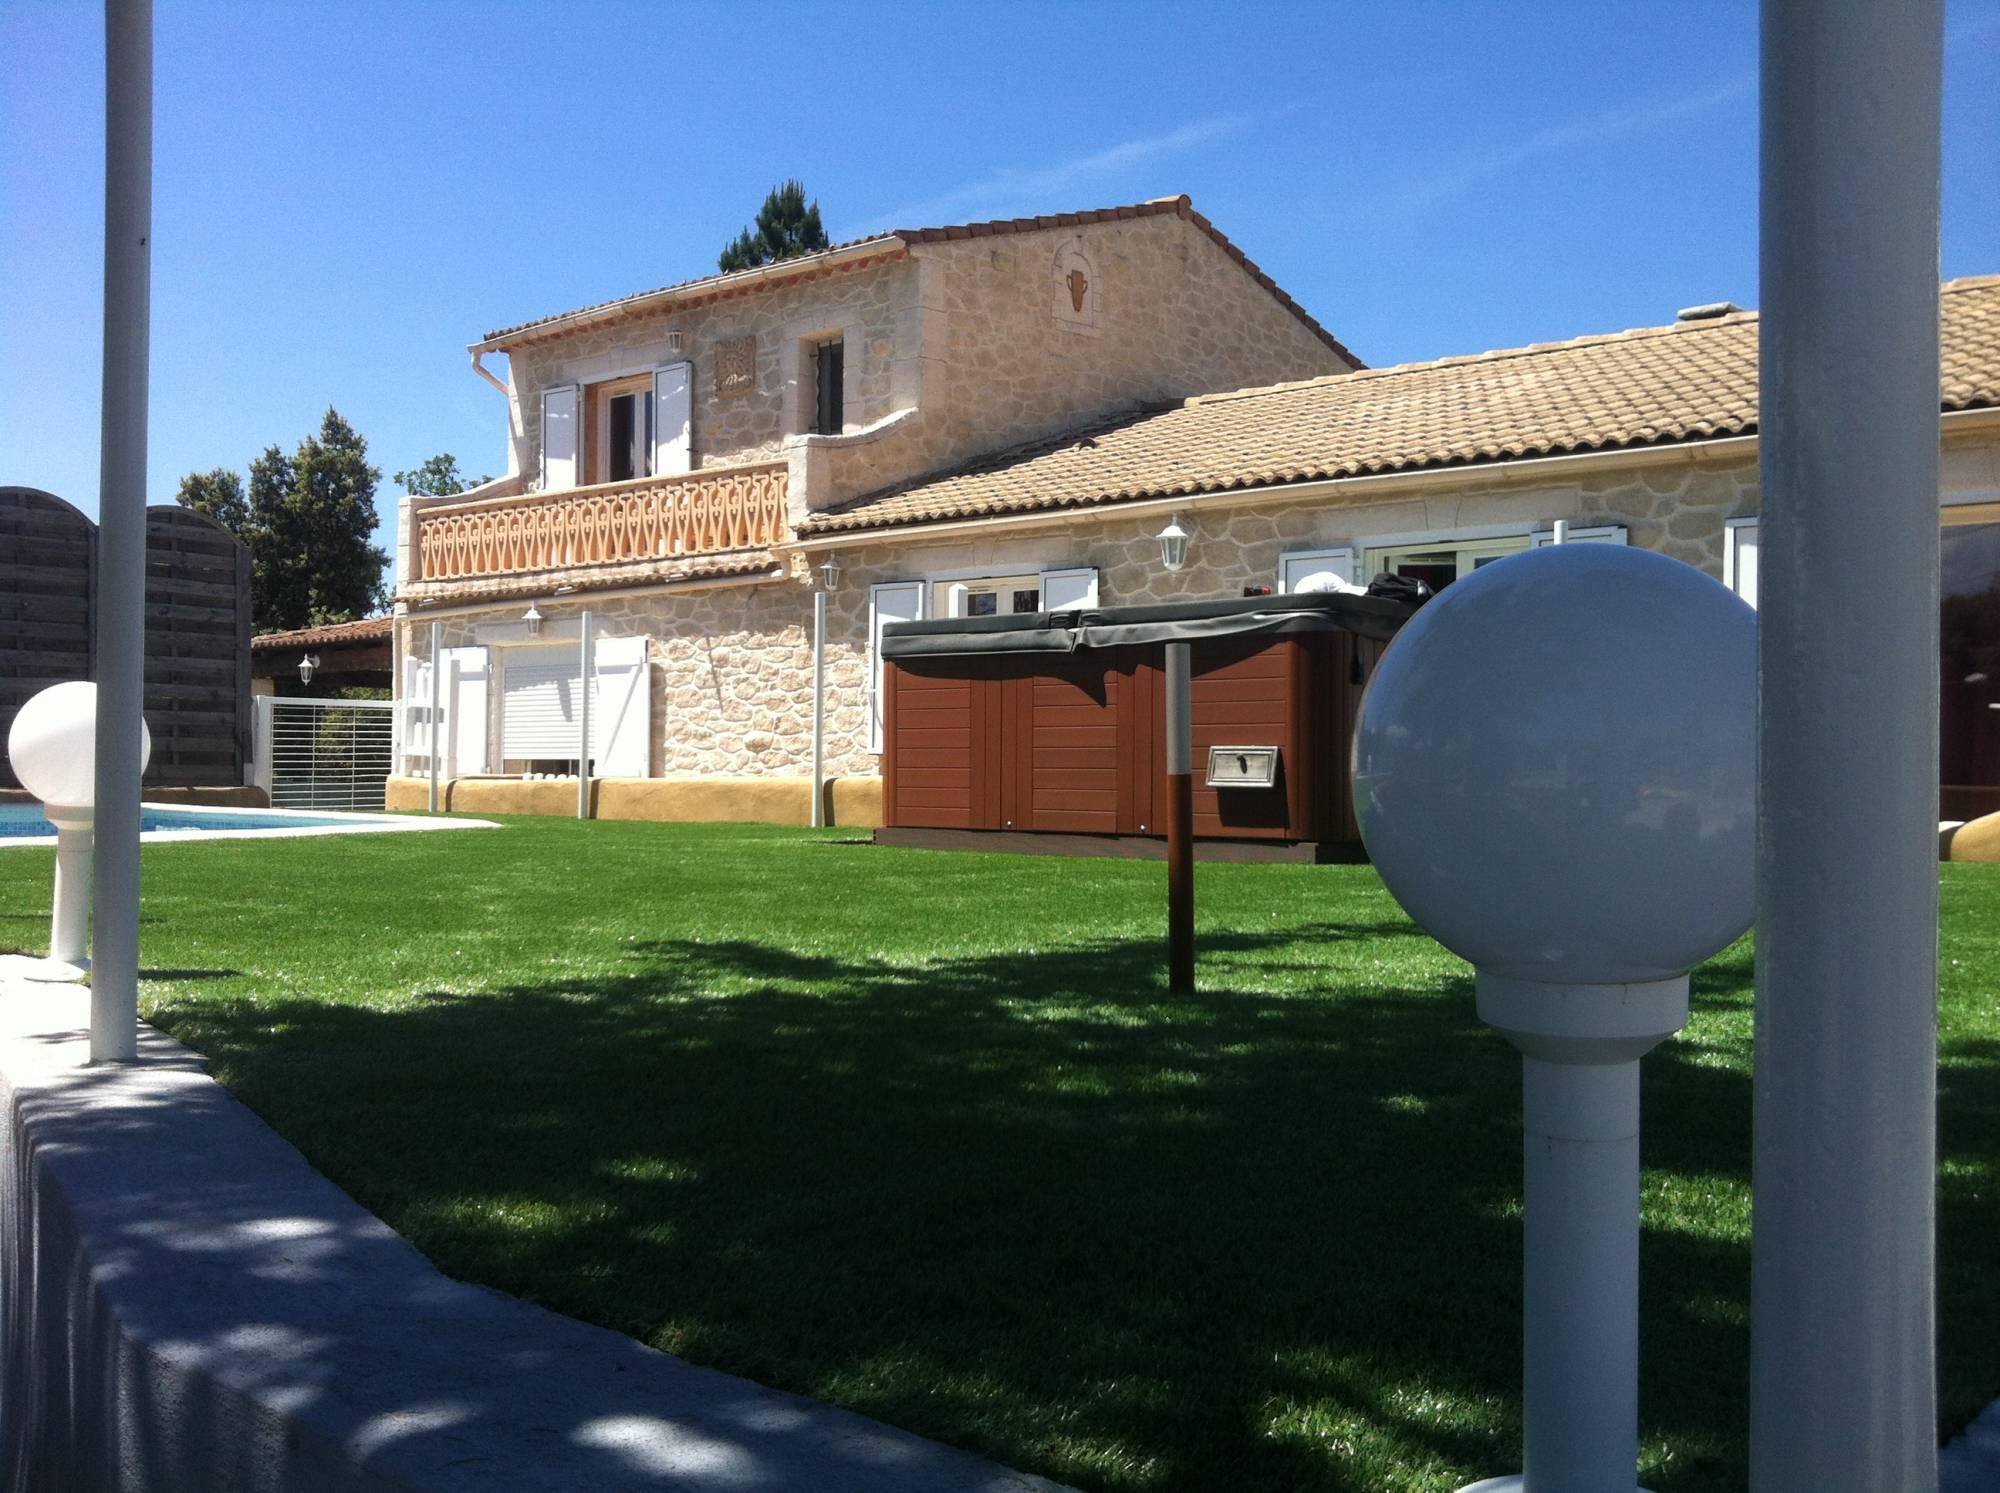 Gazon Synthetique Sur Terrasse Bois peut-on poser du gazon synthétique sur une terrasse en bois